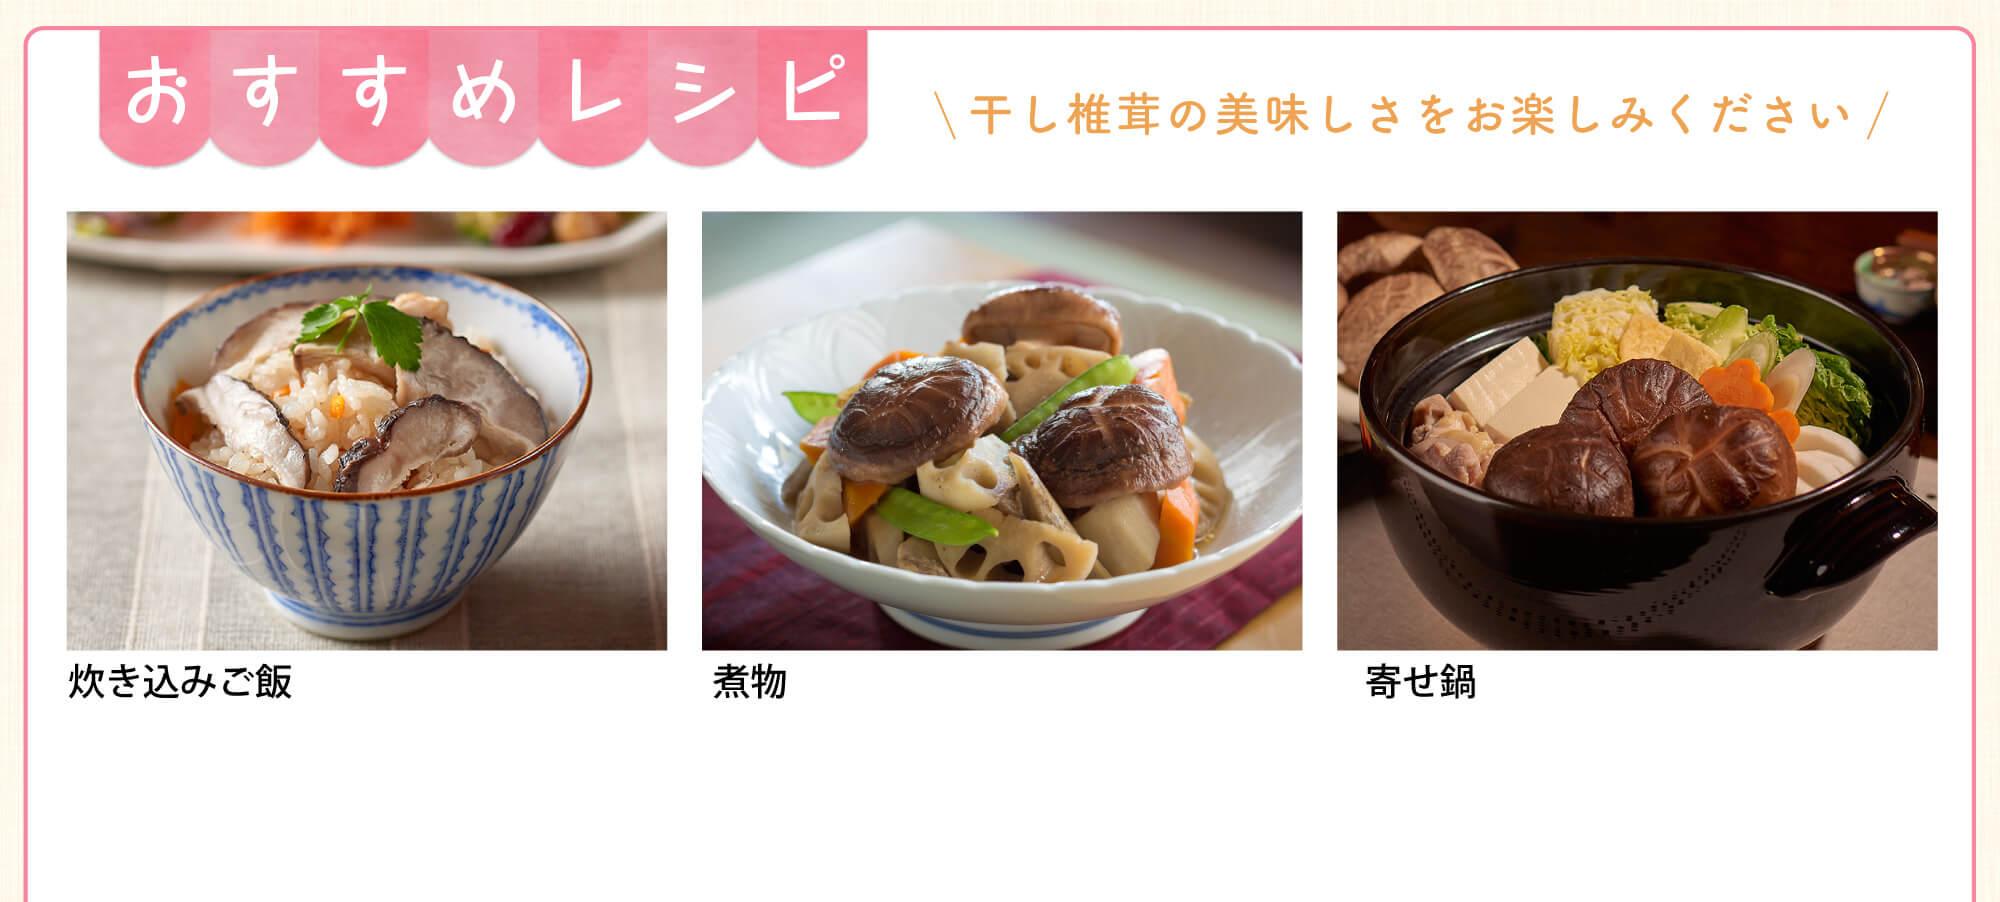 おすすめレシピ 干し椎茸の美味しさをお楽しみください